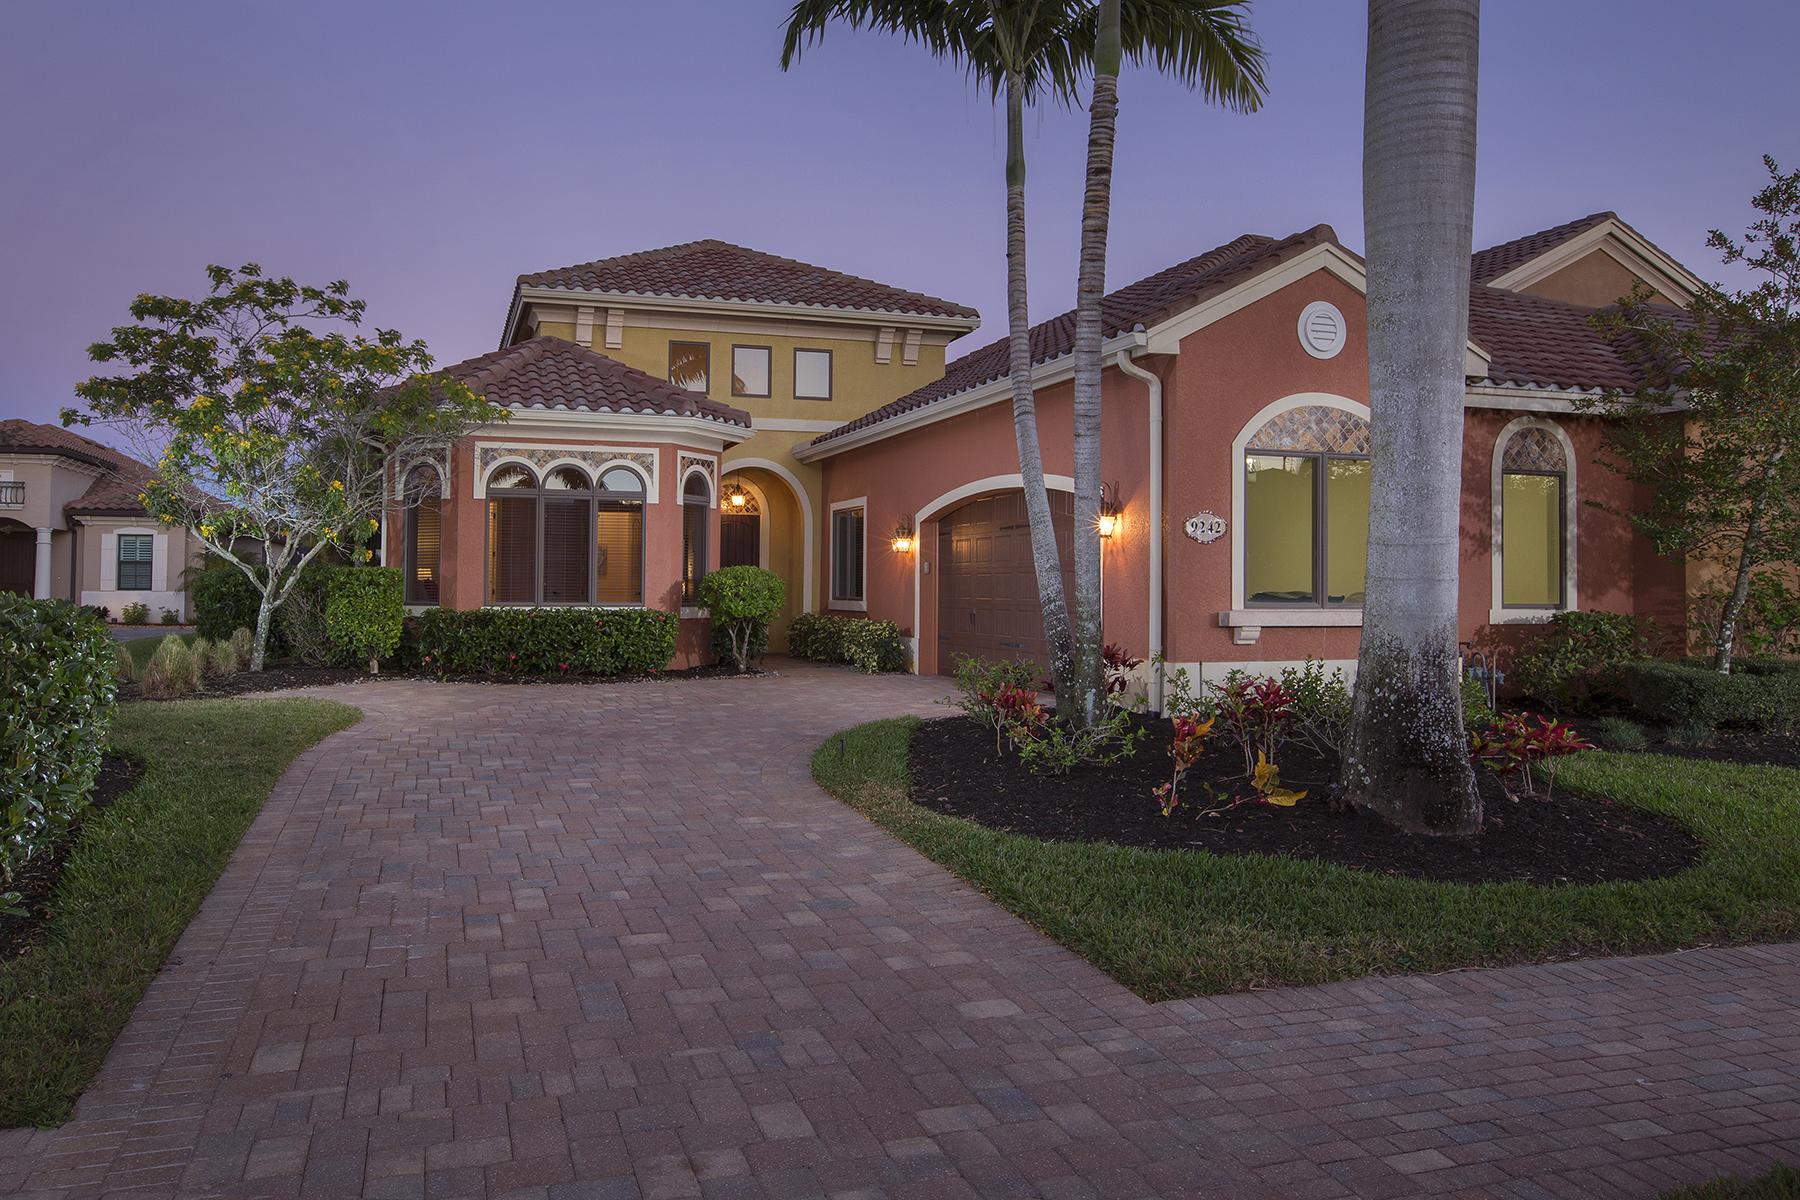 Maison unifamiliale pour l Vente à TREVISO BAY - VIA VENETO 9242 Veneto Pl Naples, Florida, 34113 États-Unis